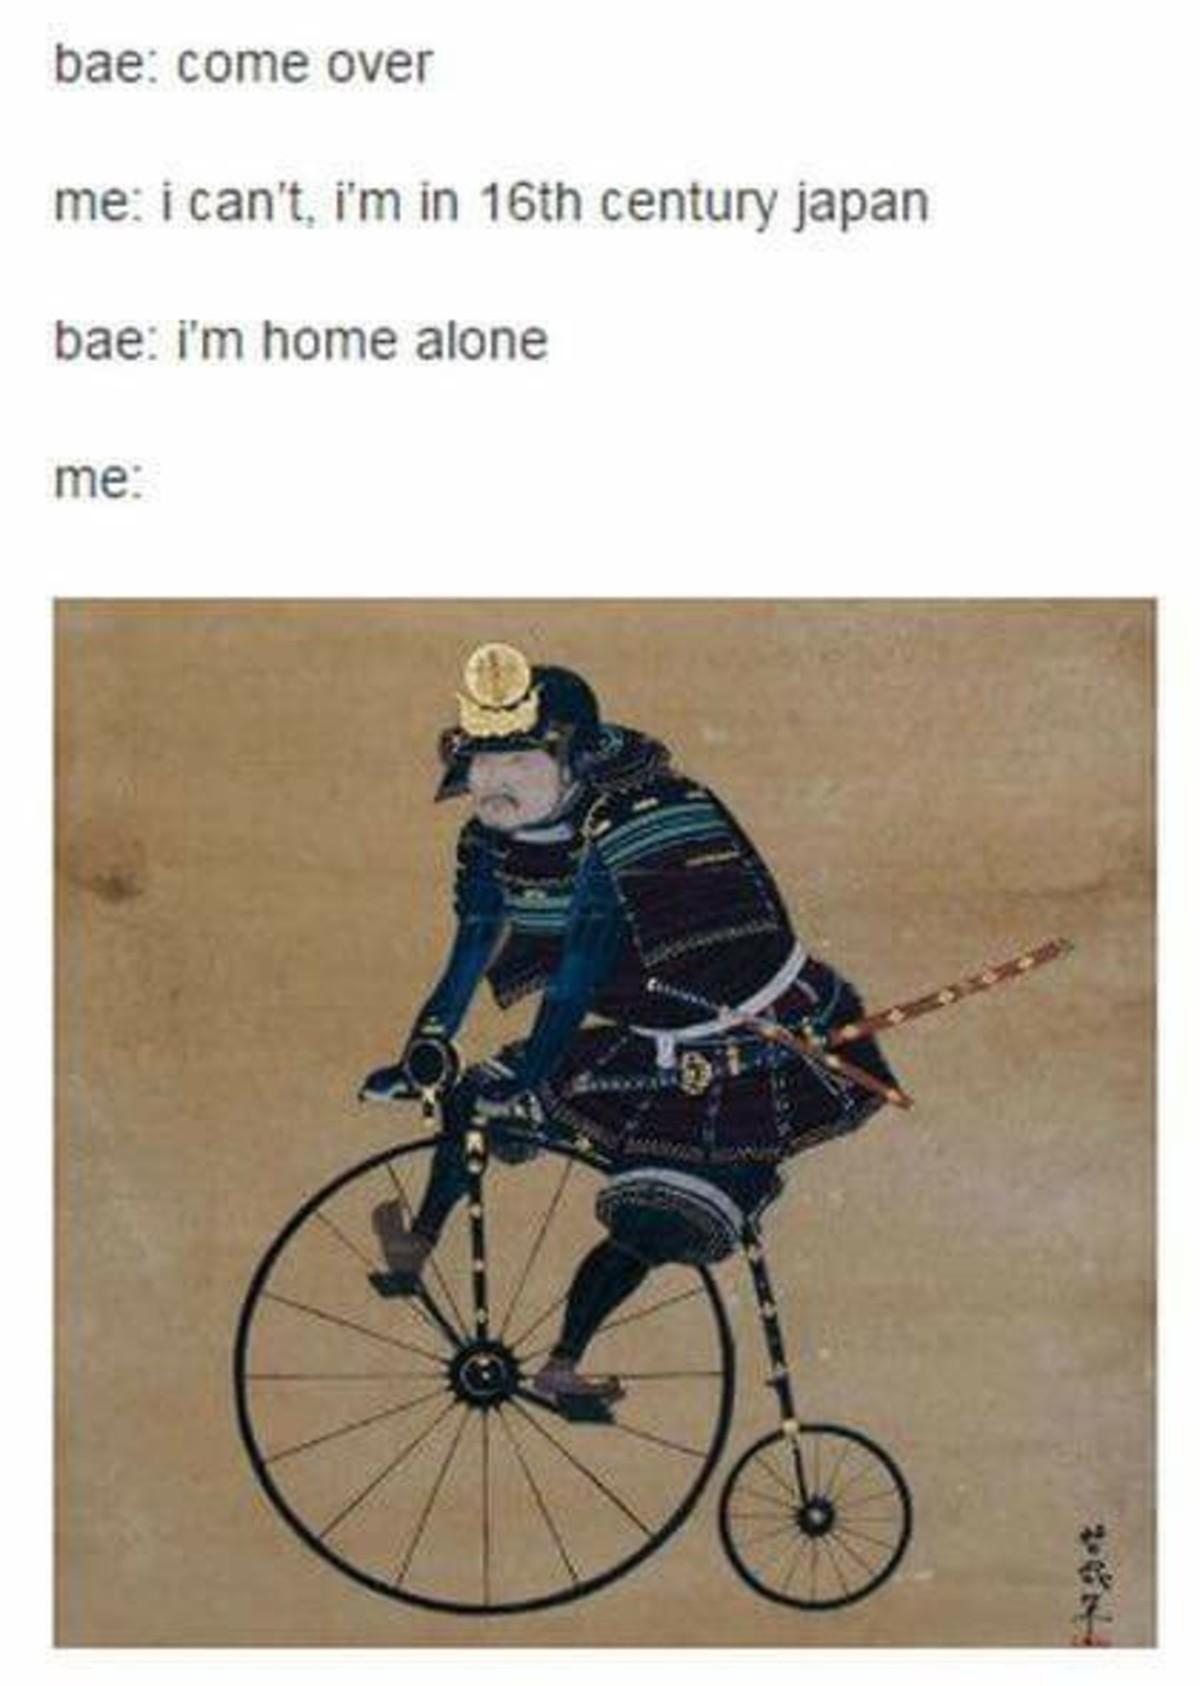 あそこ. 自転車. nae: come 'Twilit me: Fm in 16th century' japan MEI. asoko? j